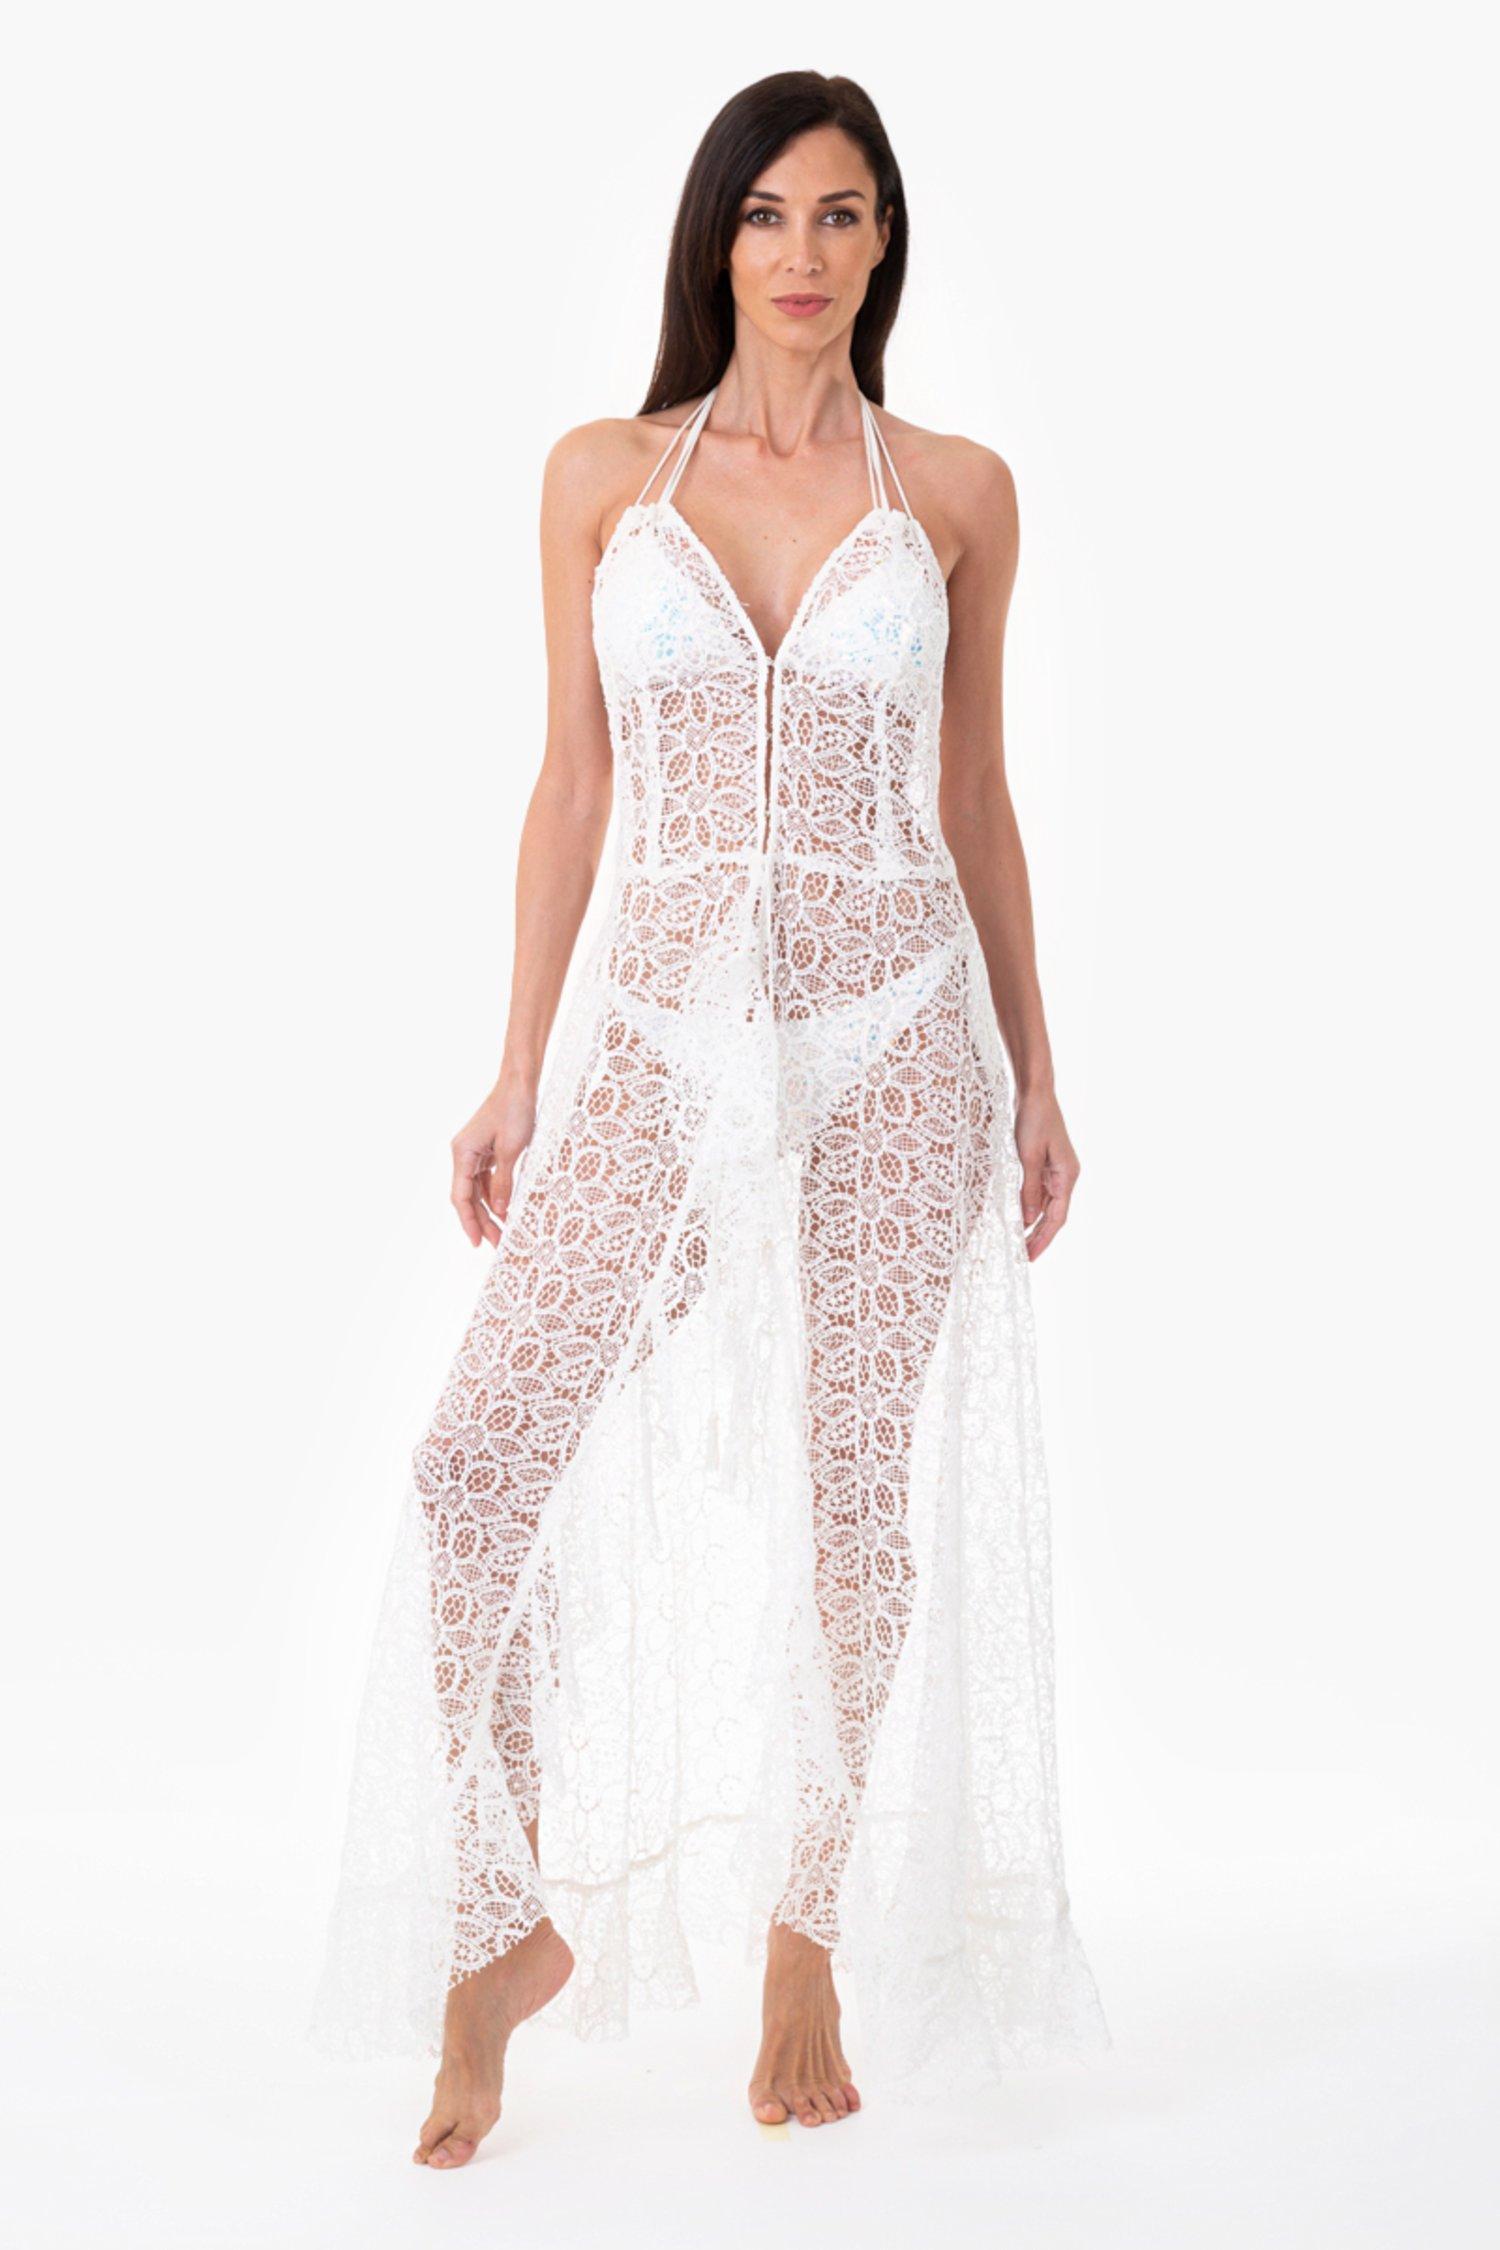 Long macramé lace dress - Pizzo Macrame' Bianco